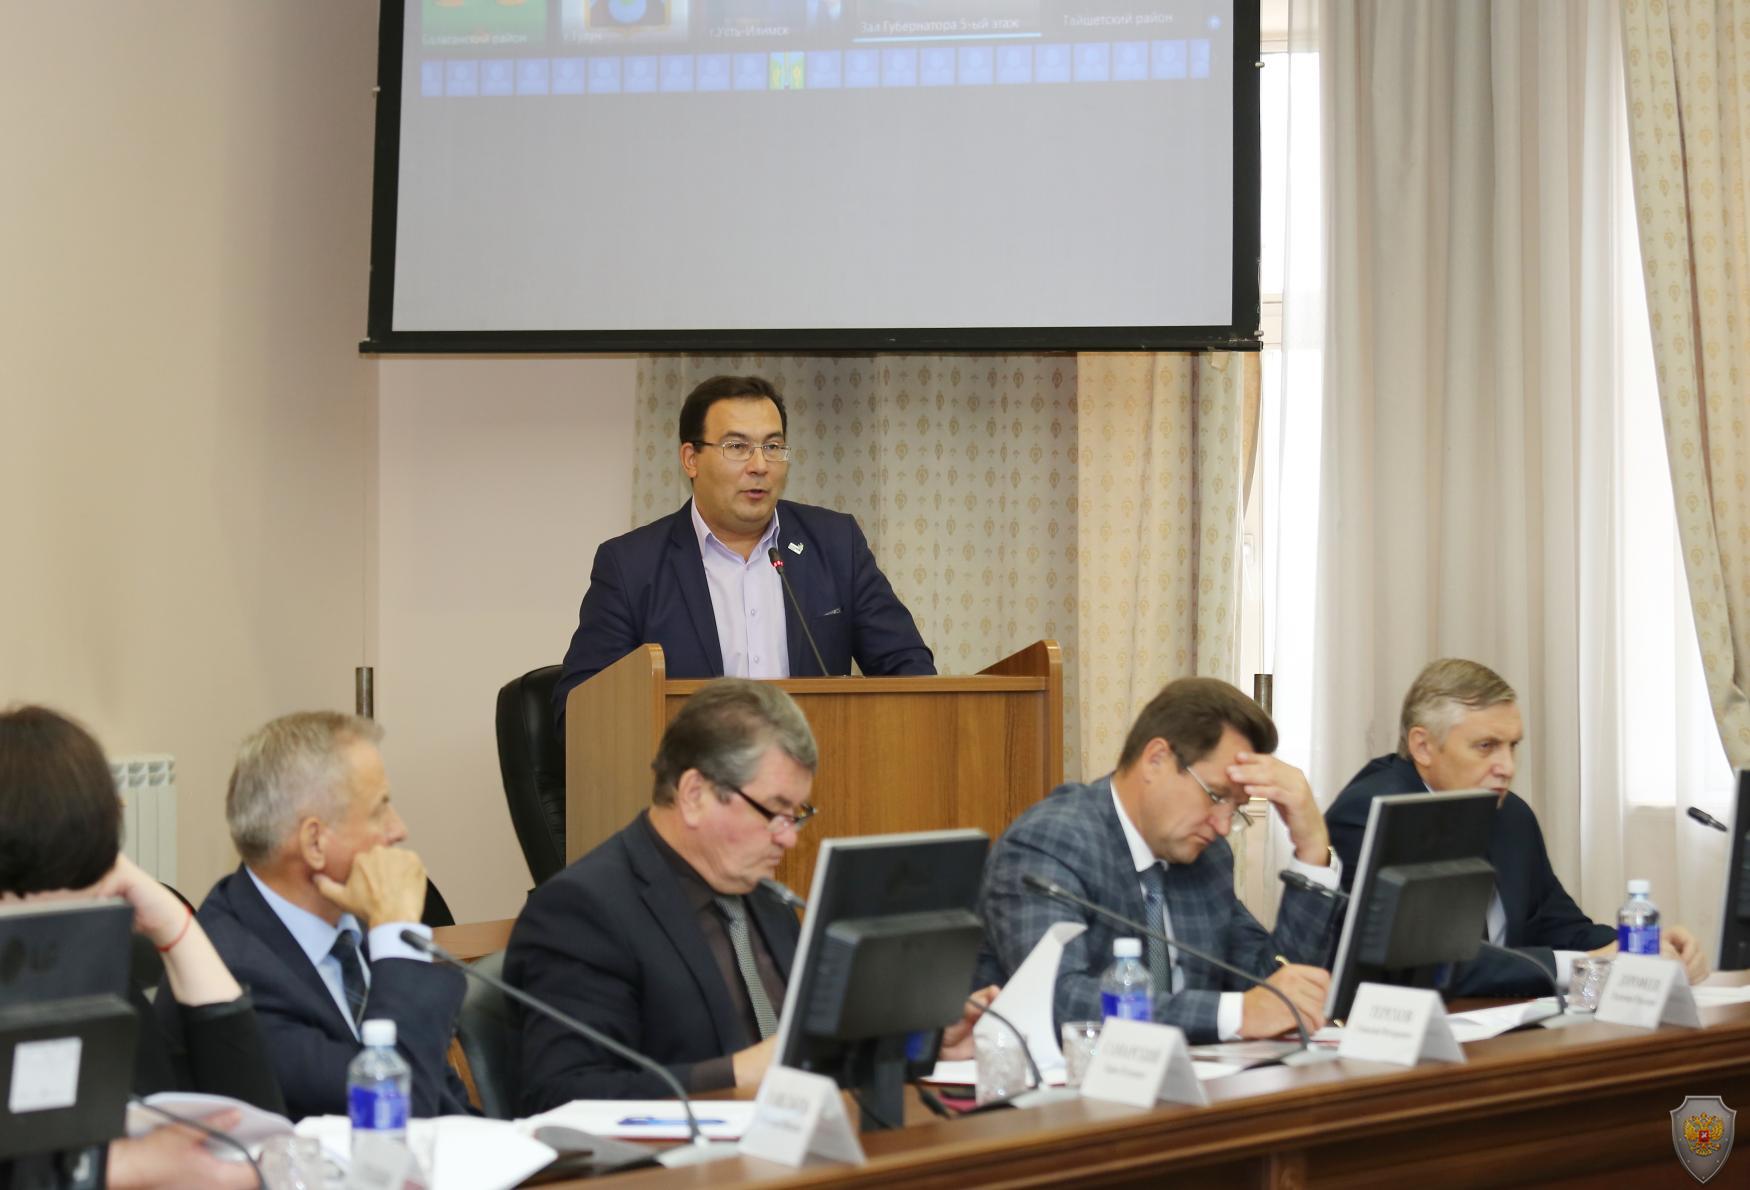 Под председательством Губернатора Иркутской области С.Г. Левченко прошло заседание антитеррористической комиссии